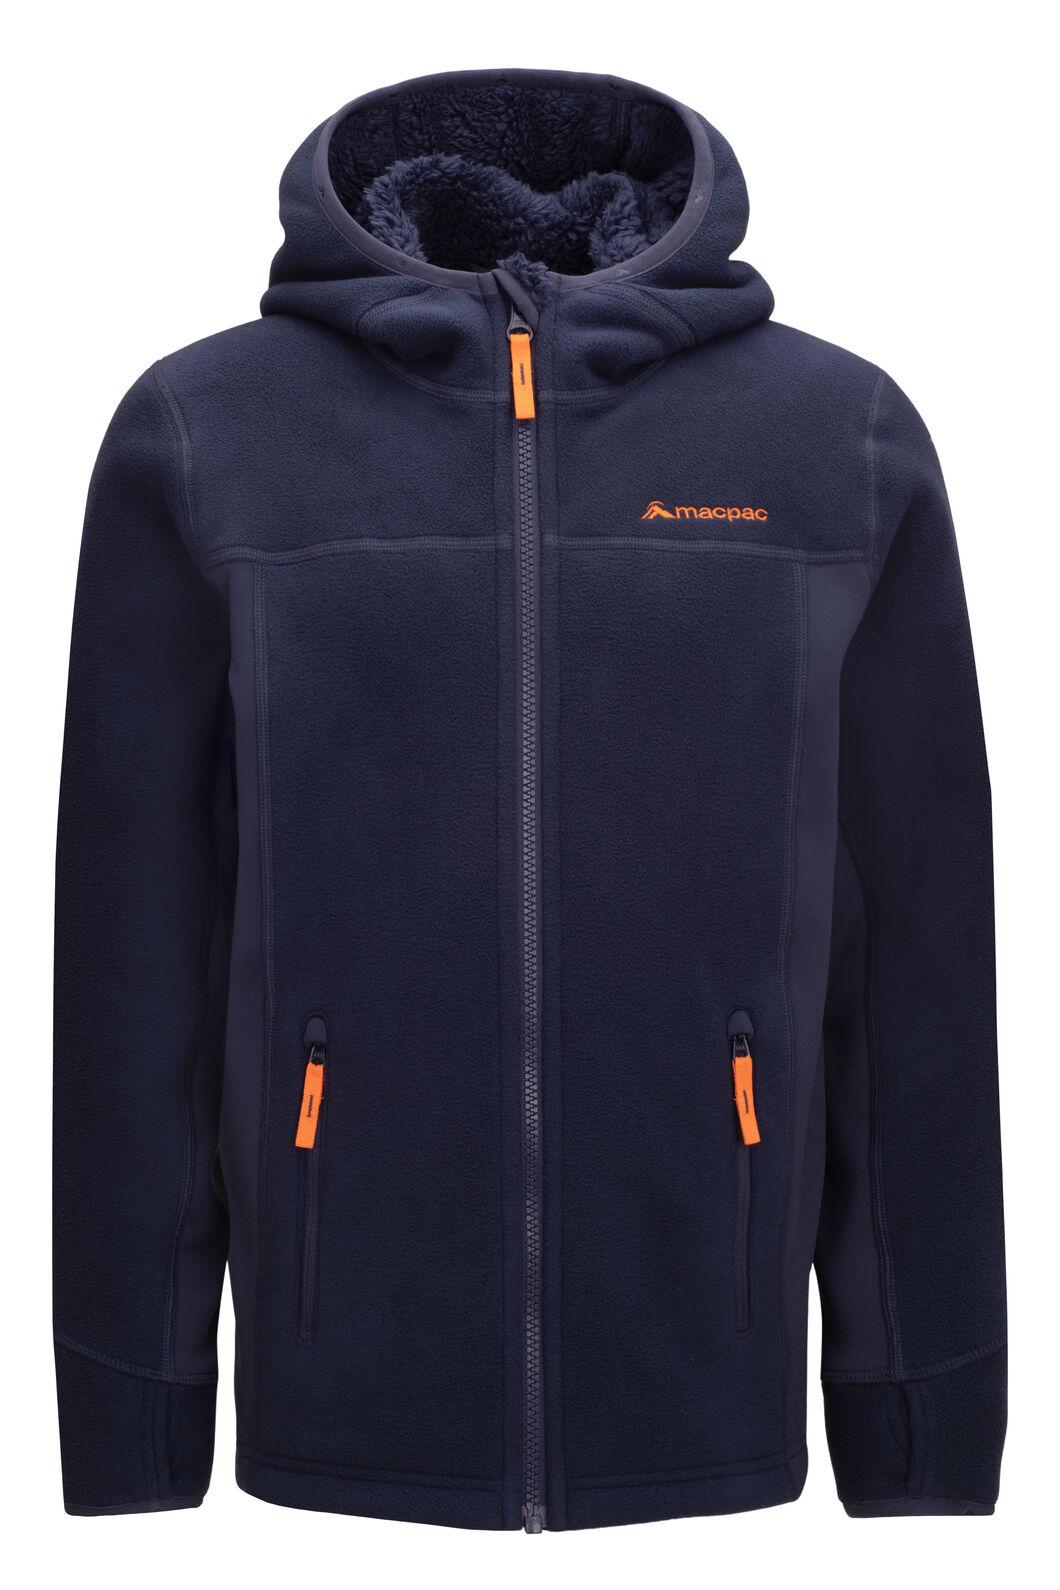 Macpac Mini Mountain Hooded Jacket — Kids', Black Iris/Russet Orange, hi-res